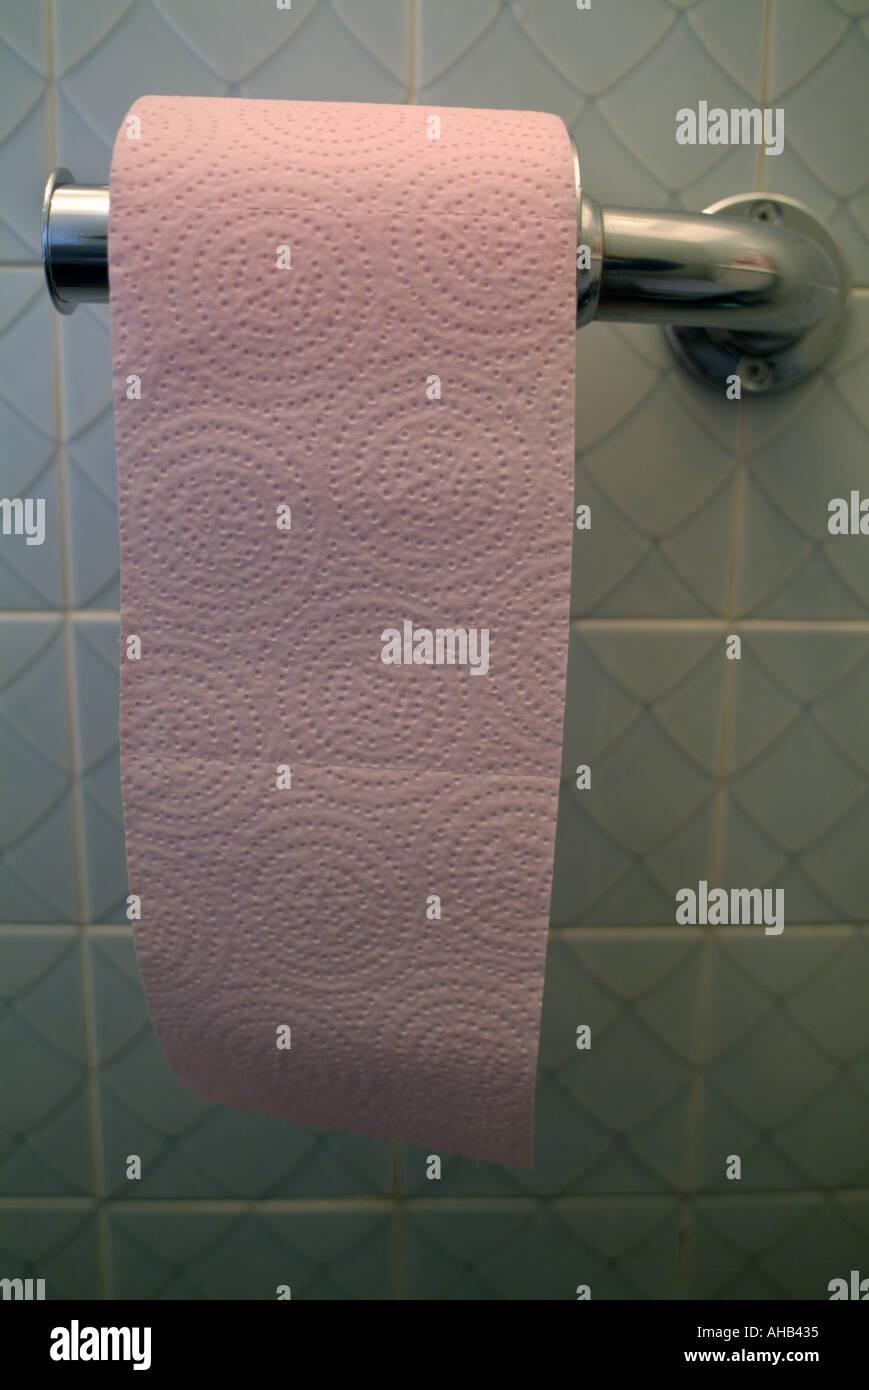 Rosa carta igienica rotolo nel bagno. Immagini Stock